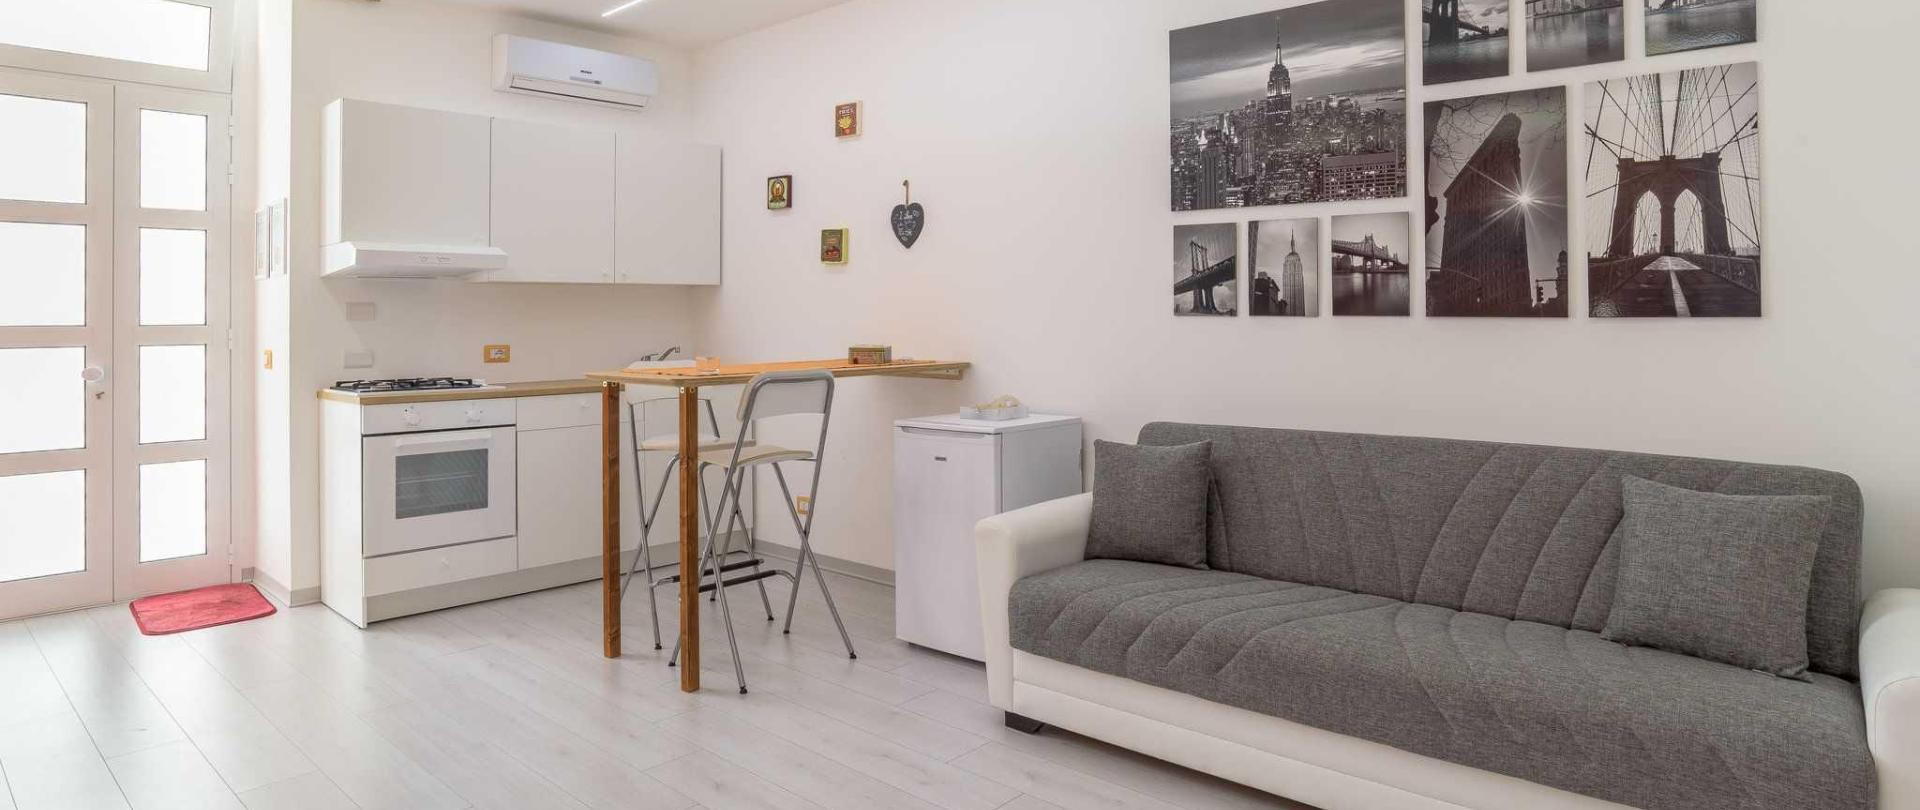 appartamenti-ragusa-7.jpg